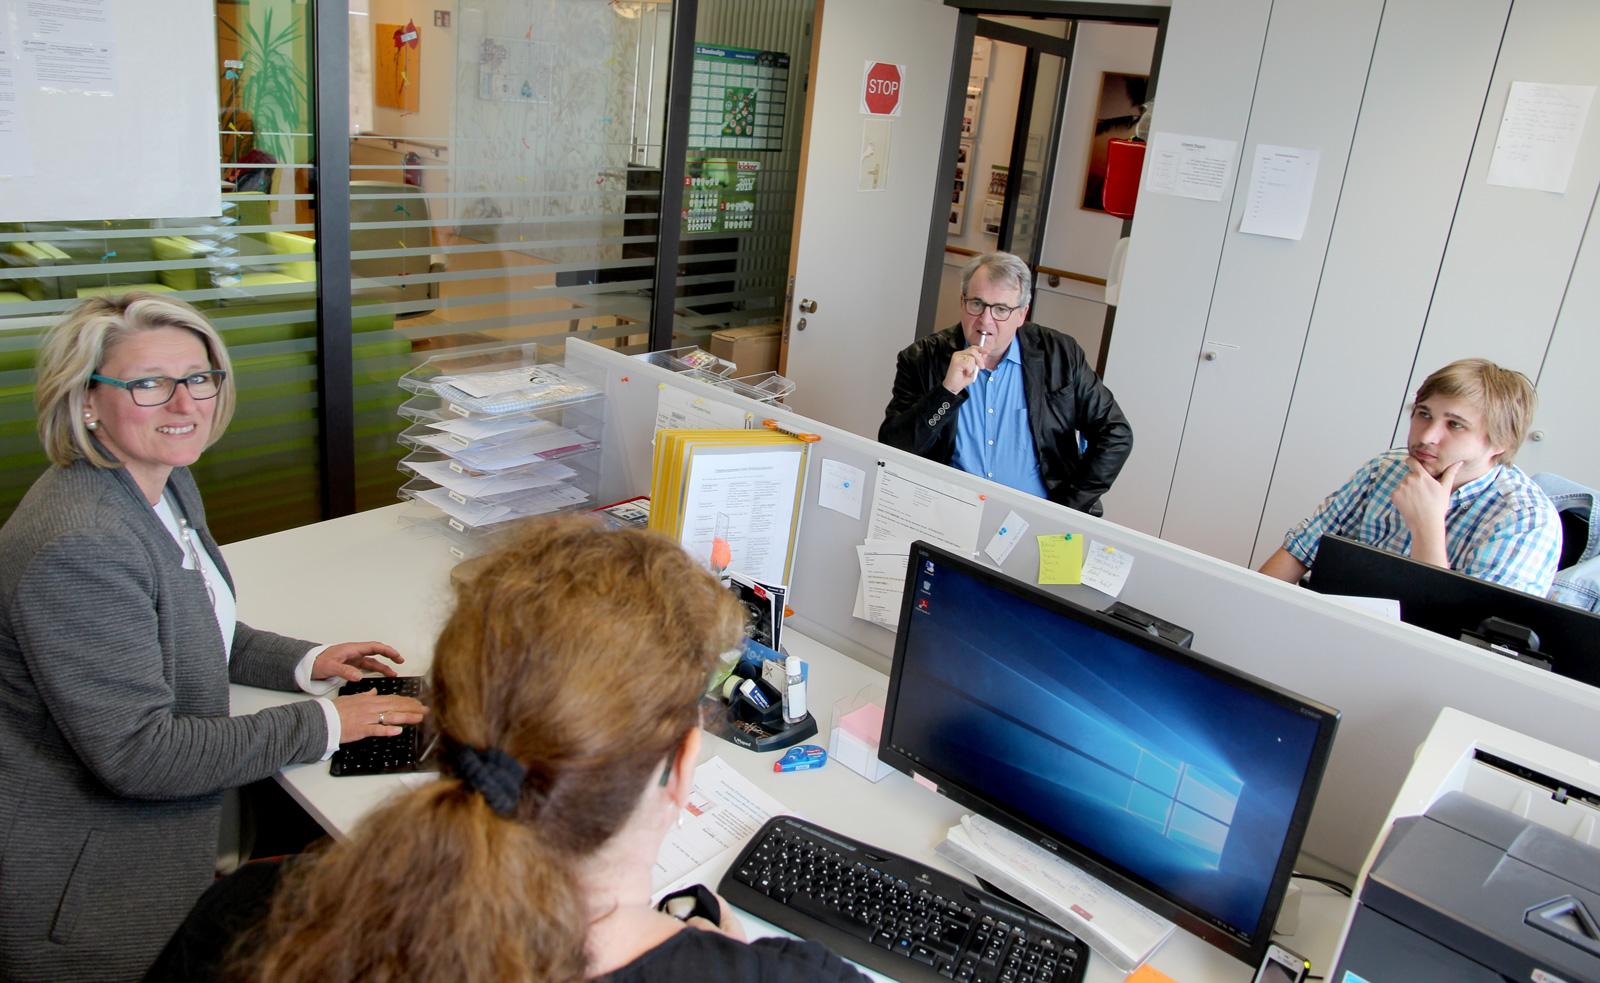 """Vor knapp drei Jahren zogen in das Apartmenthaus """"Inklusive Wohnwelt"""" in Altdorf die ersten Bewohner. Das motivierte Betreuerteam überzeugte DQS-Auditor Gerhard Weidemann sehr."""